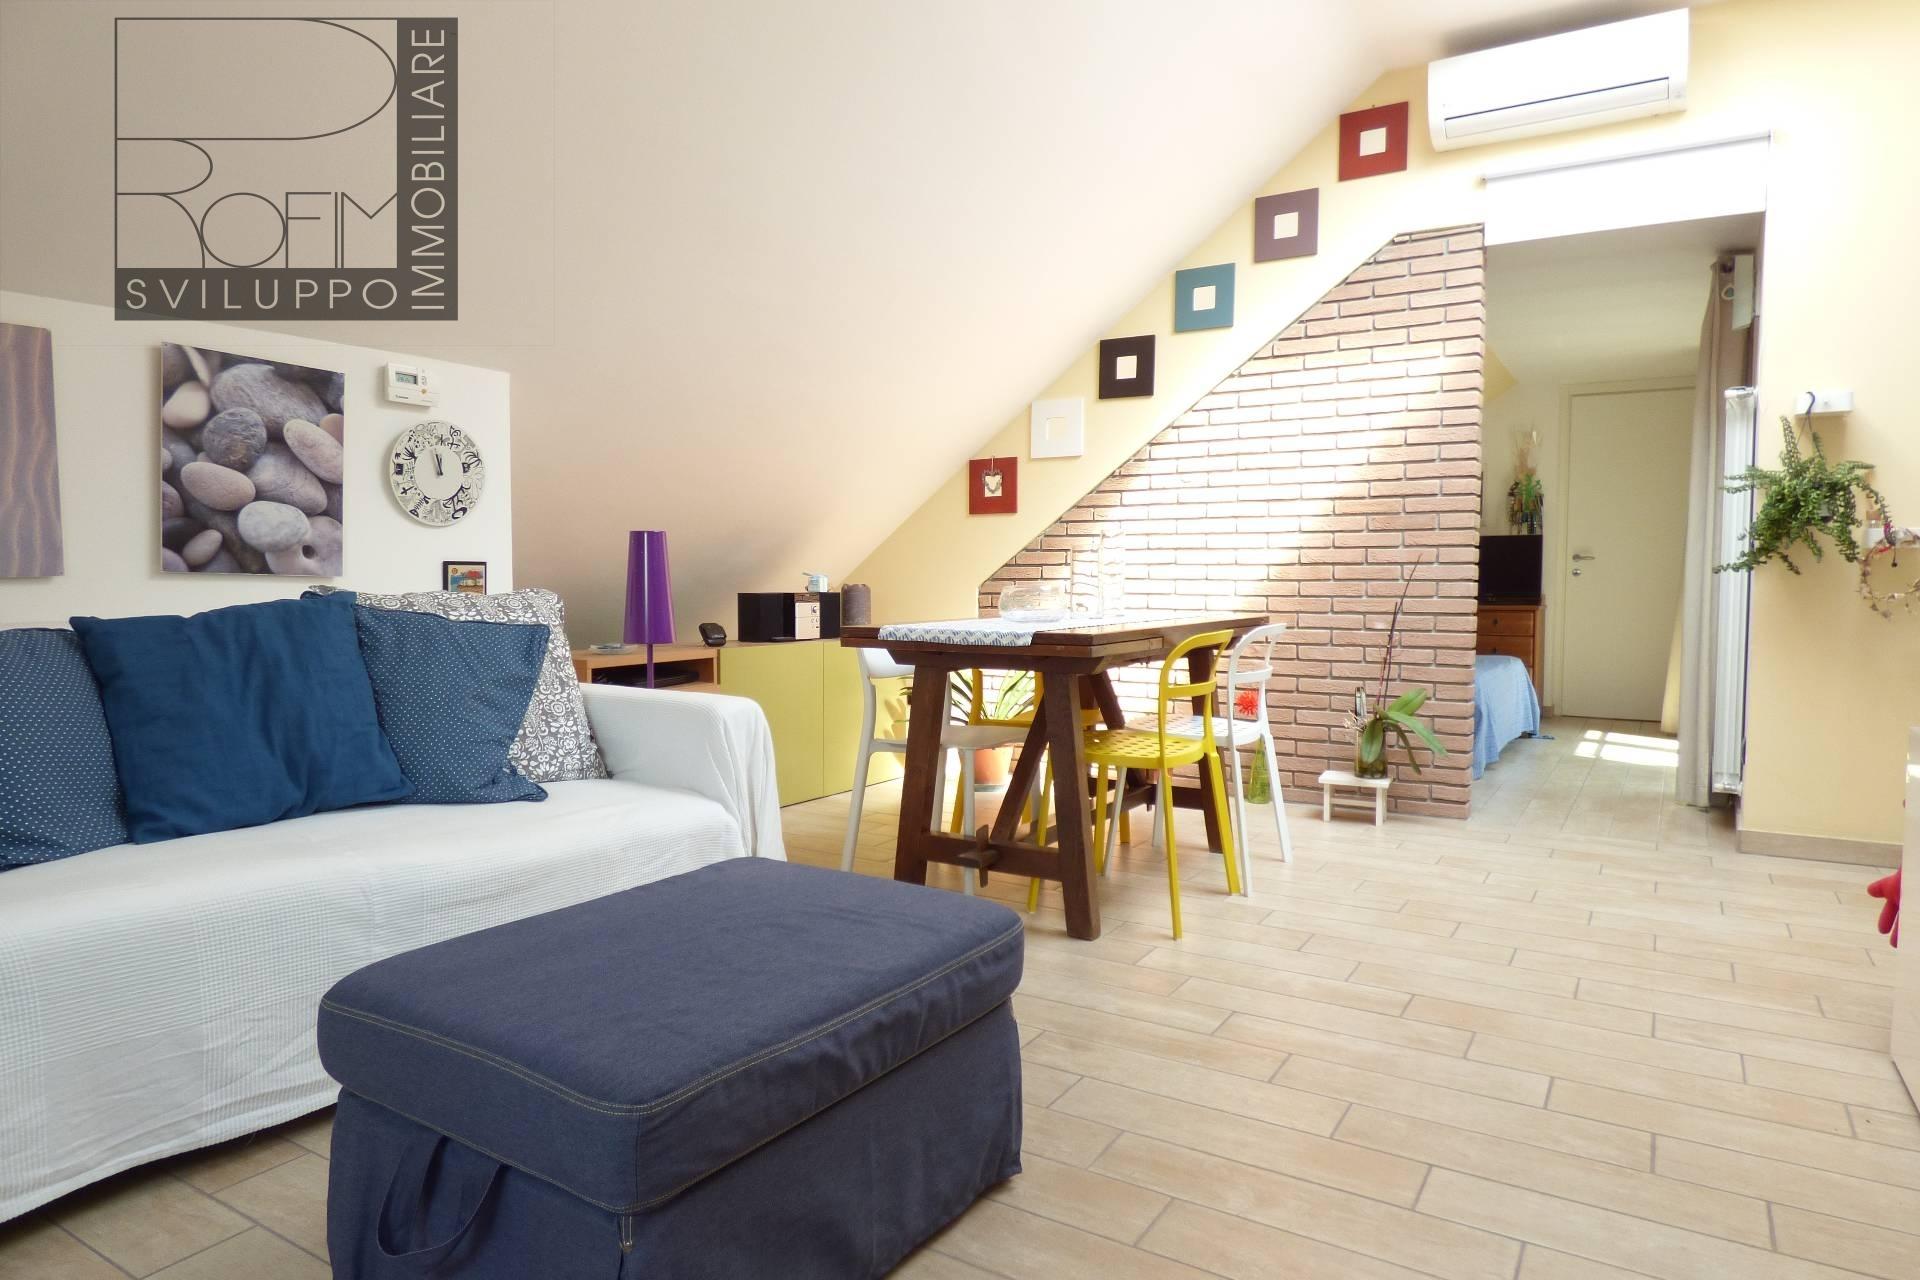 Appartamento in affitto a Settala, 2 locali, zona Zona: Caleppio, prezzo € 400 | CambioCasa.it